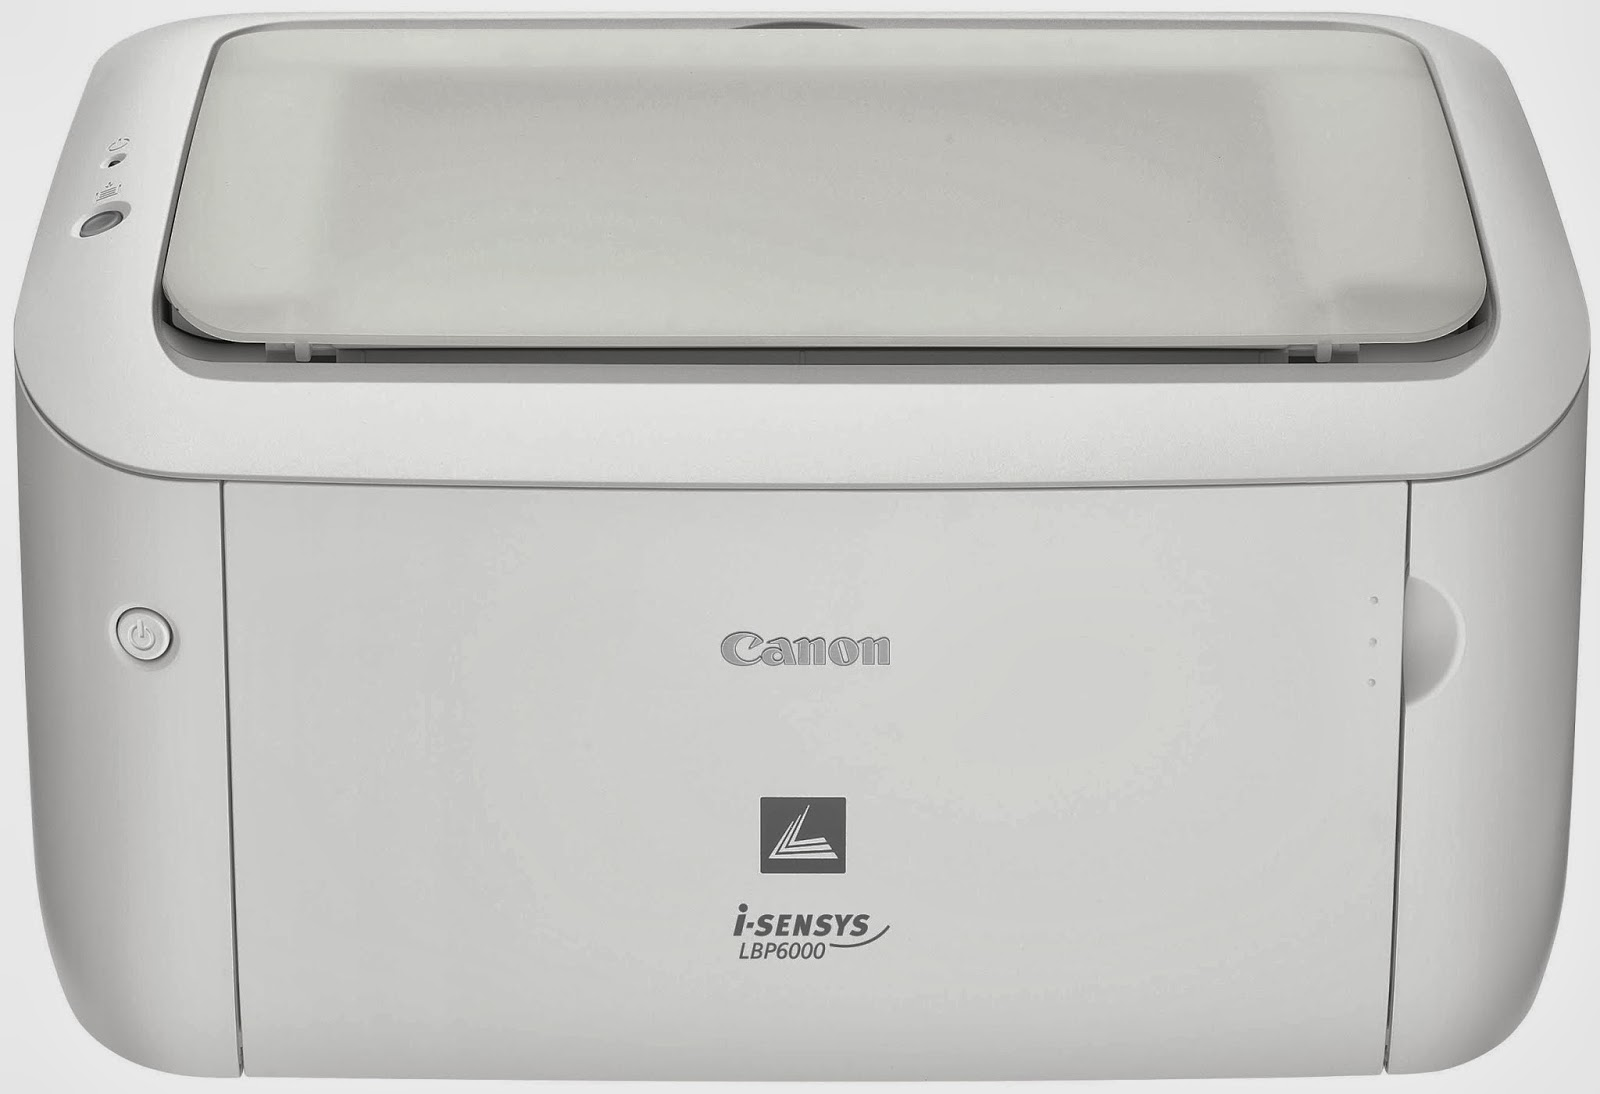 Canon lbp 6000 драйвер windows xp скачать